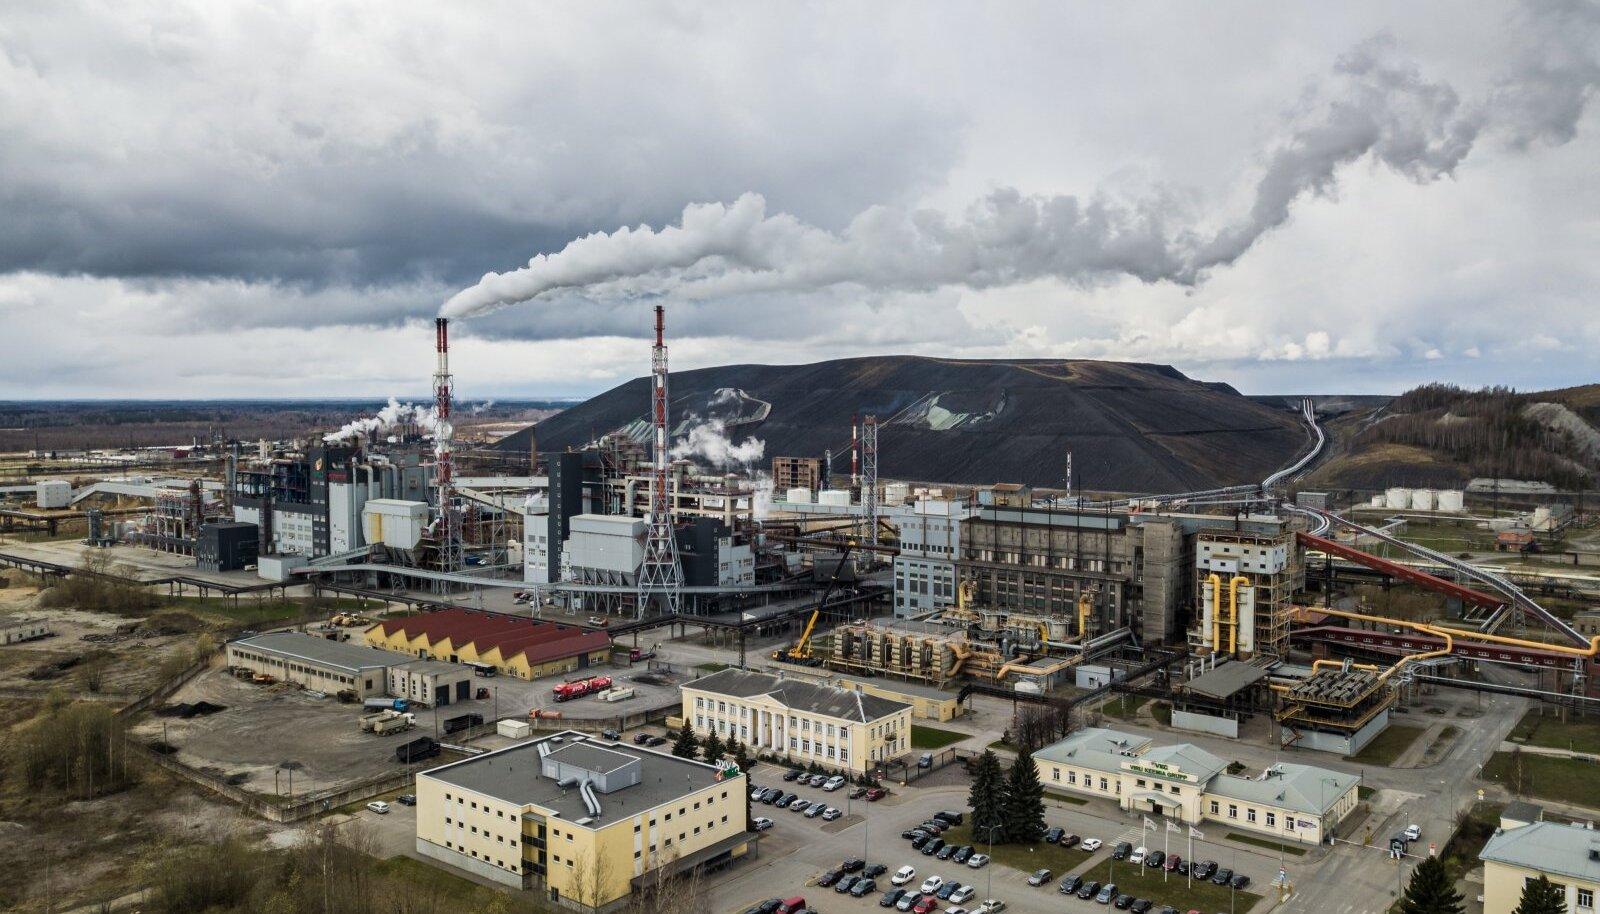 Eesti suuruselt teine põlevkivitööstus Viru Keemia Grupp (VKG) teatas plaanist siseneda uude valdkonda ja püstitada 2026. aastaks nende oma tehase lähedale moodne tselluloositehas, mis läheb maksma 800 miljonit eurot.